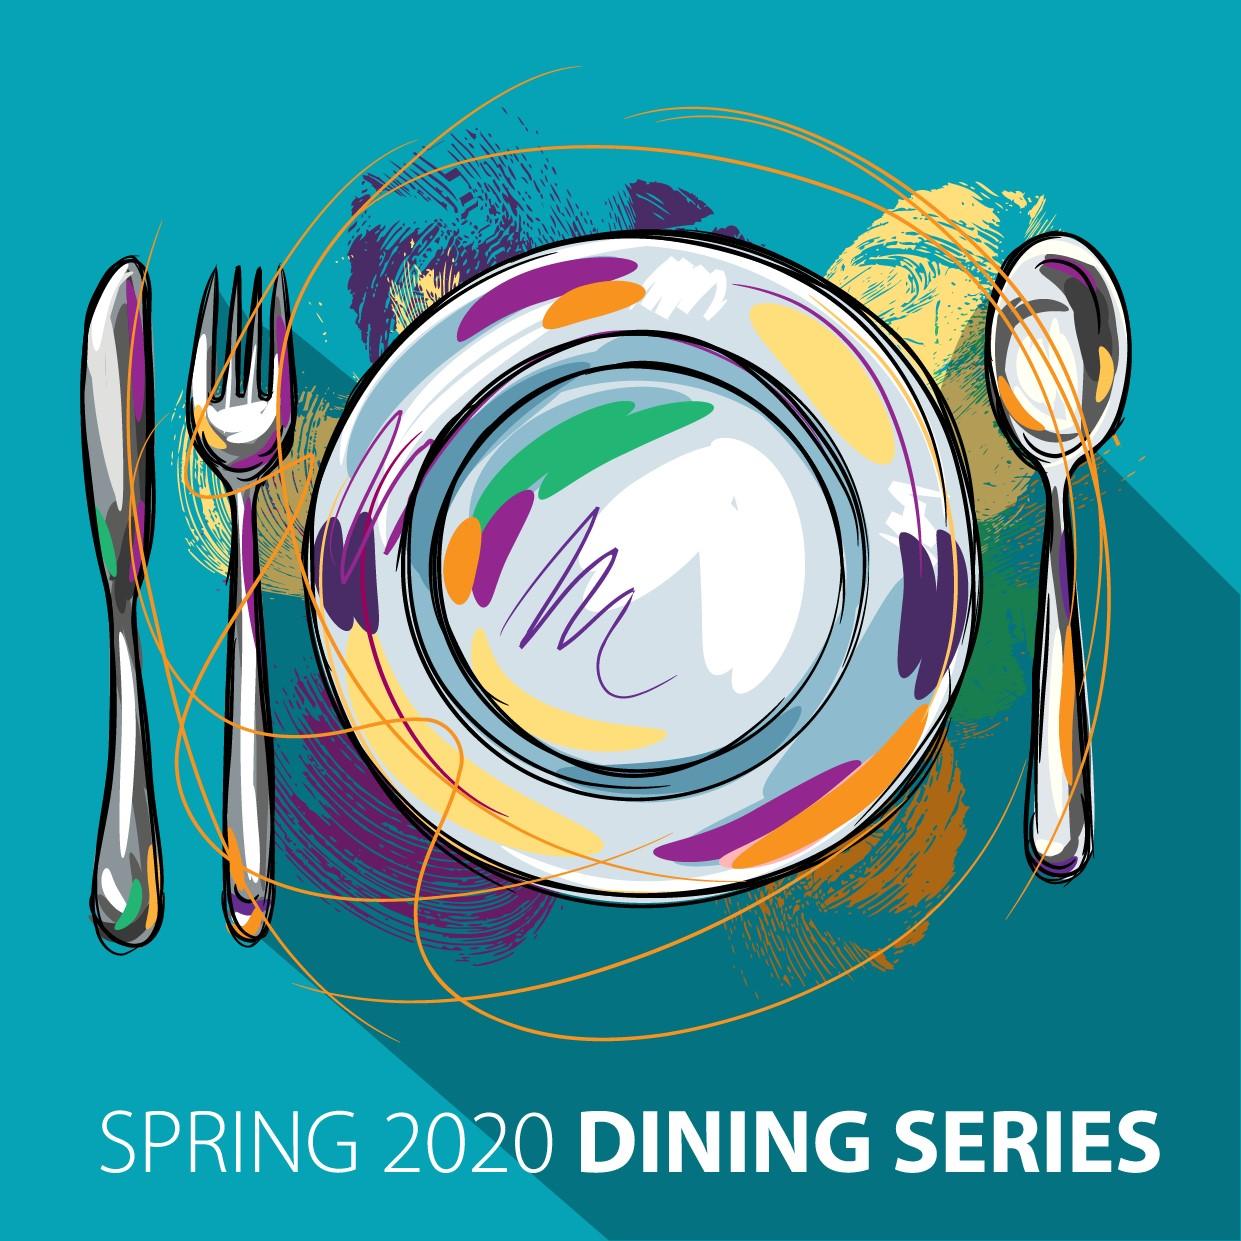 spring 2020